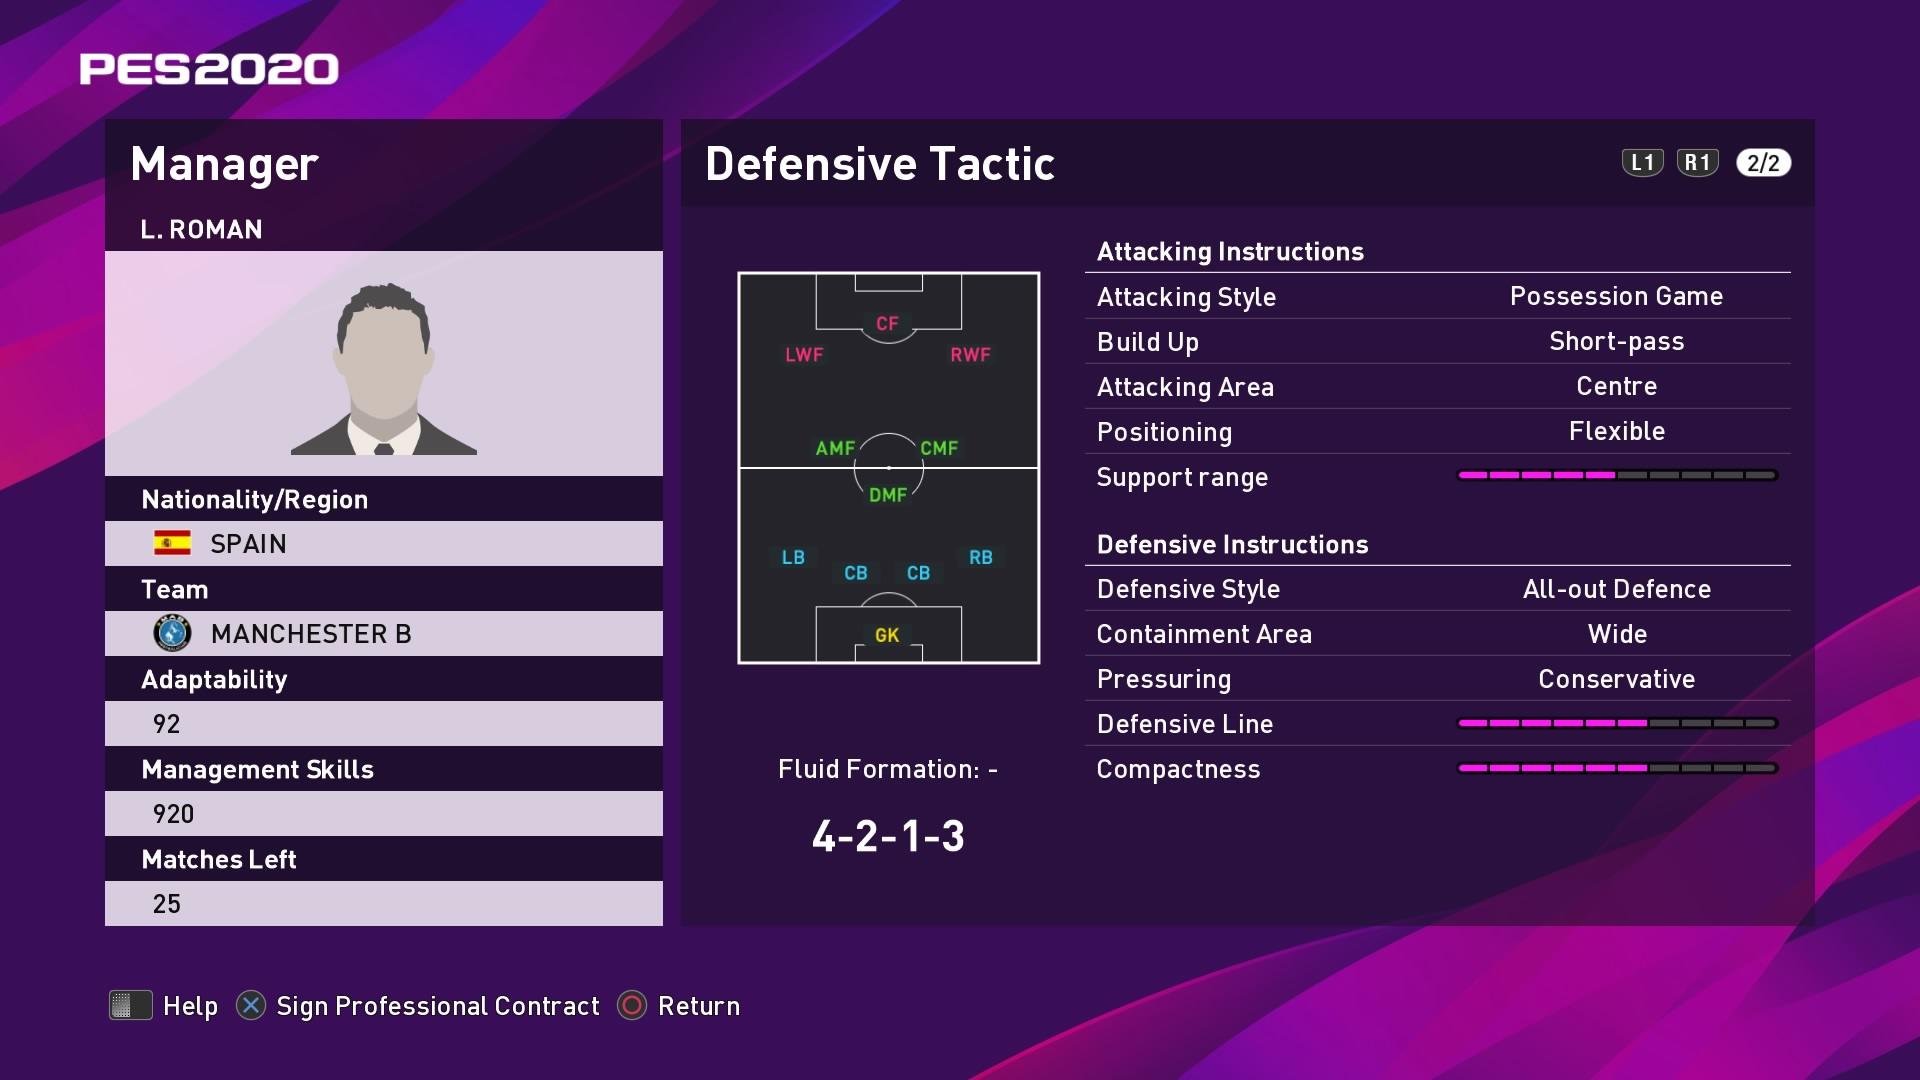 L. Roman (3) (Pep Guardiola) Defensive Tactic in PES 2020 myClub